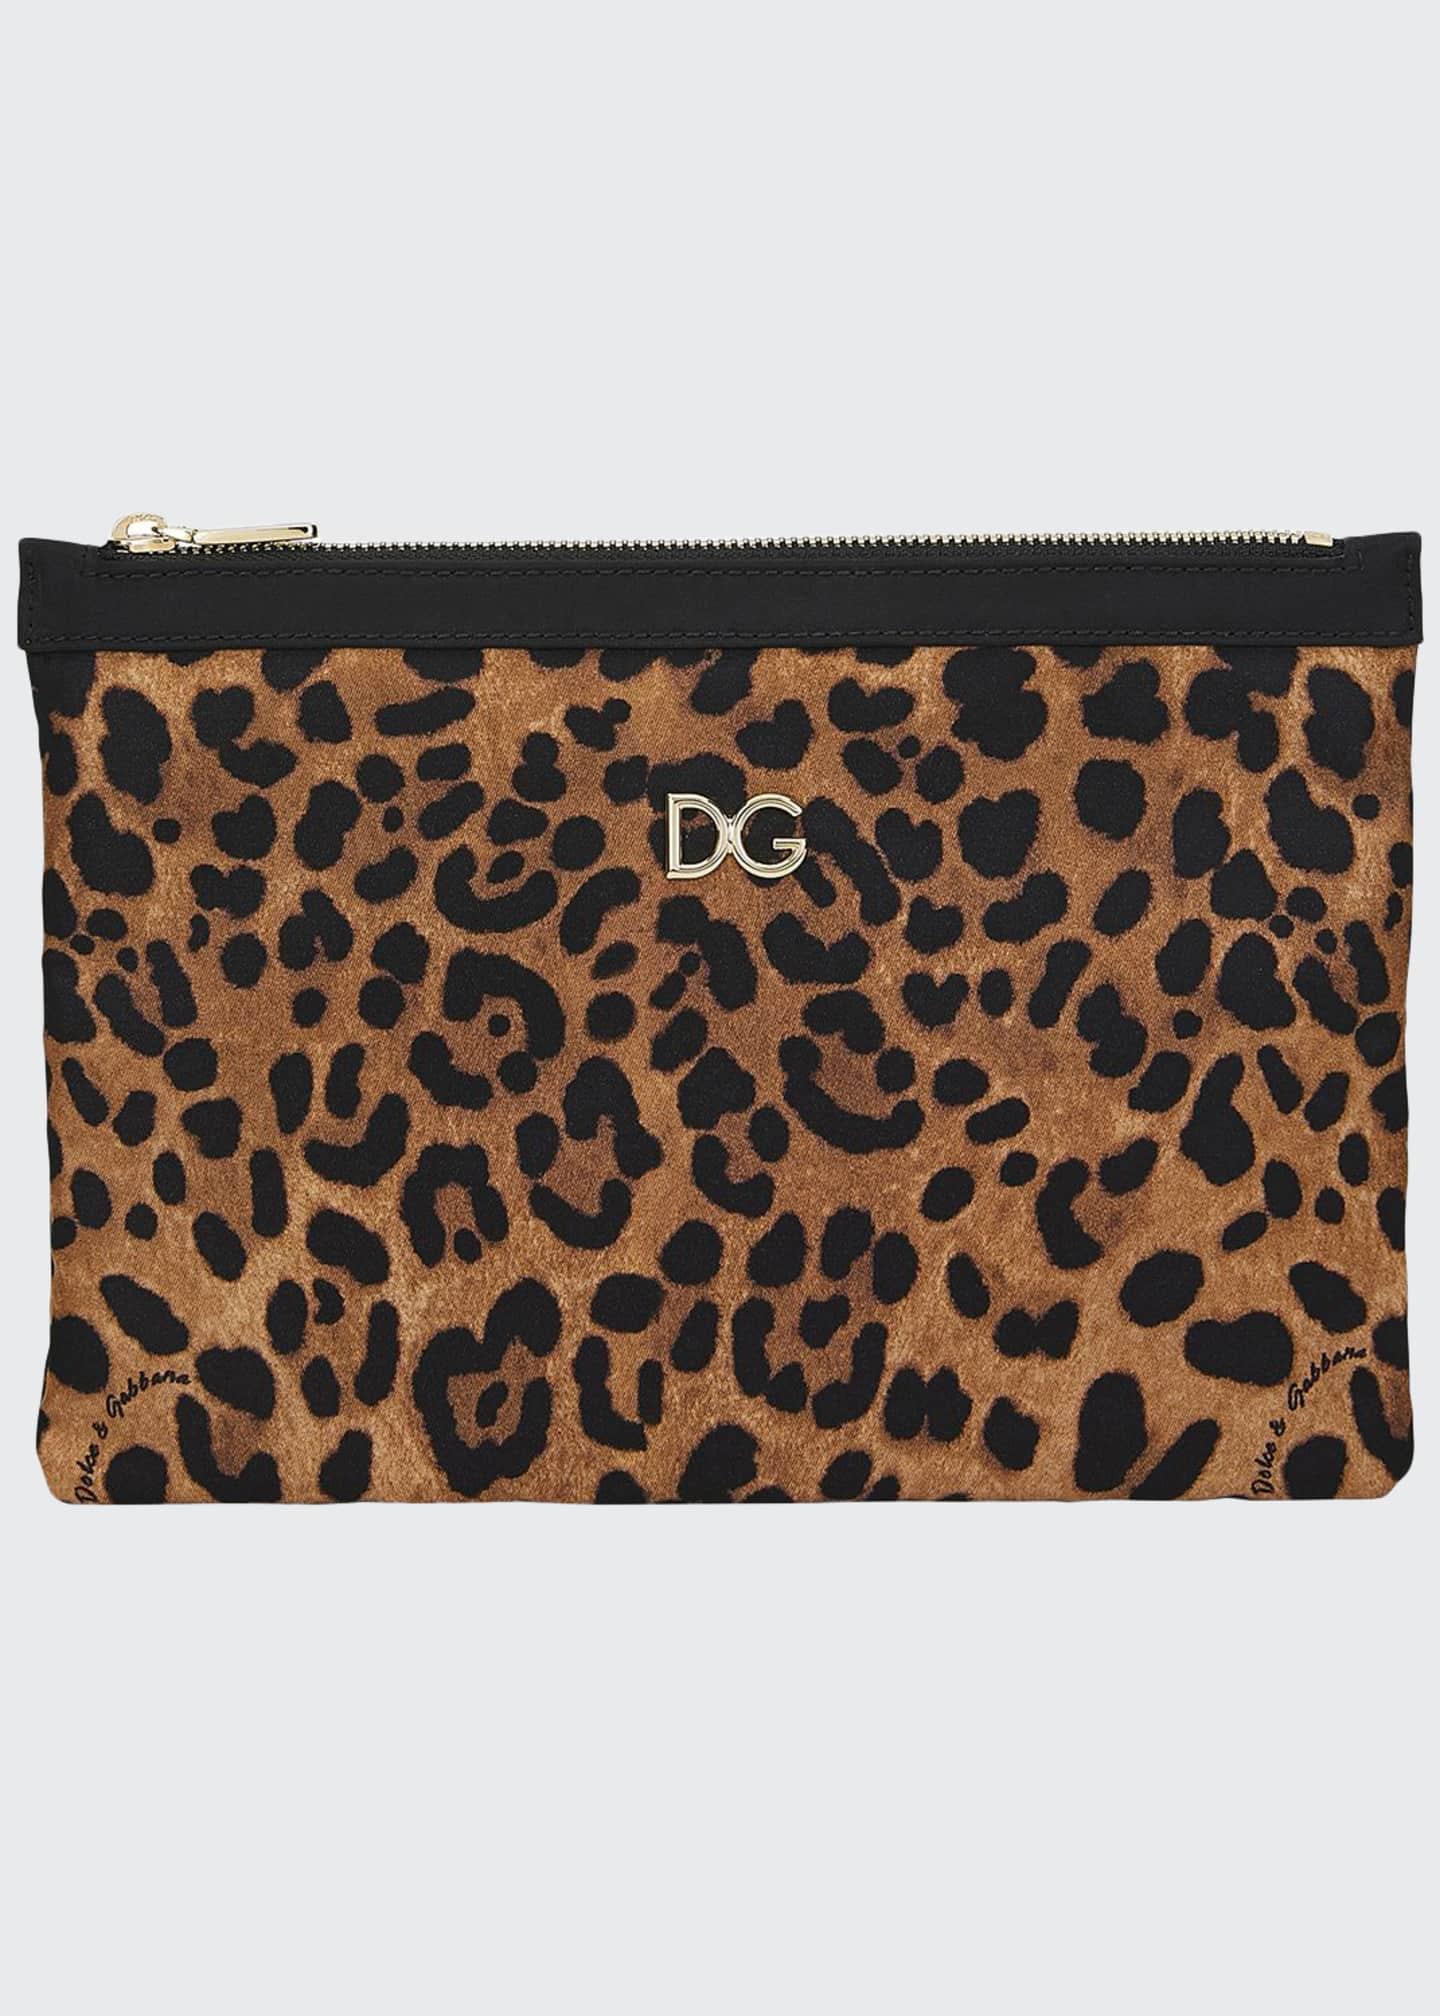 Dolce & Gabbana Leopard-Print Nylon Pouch Bag